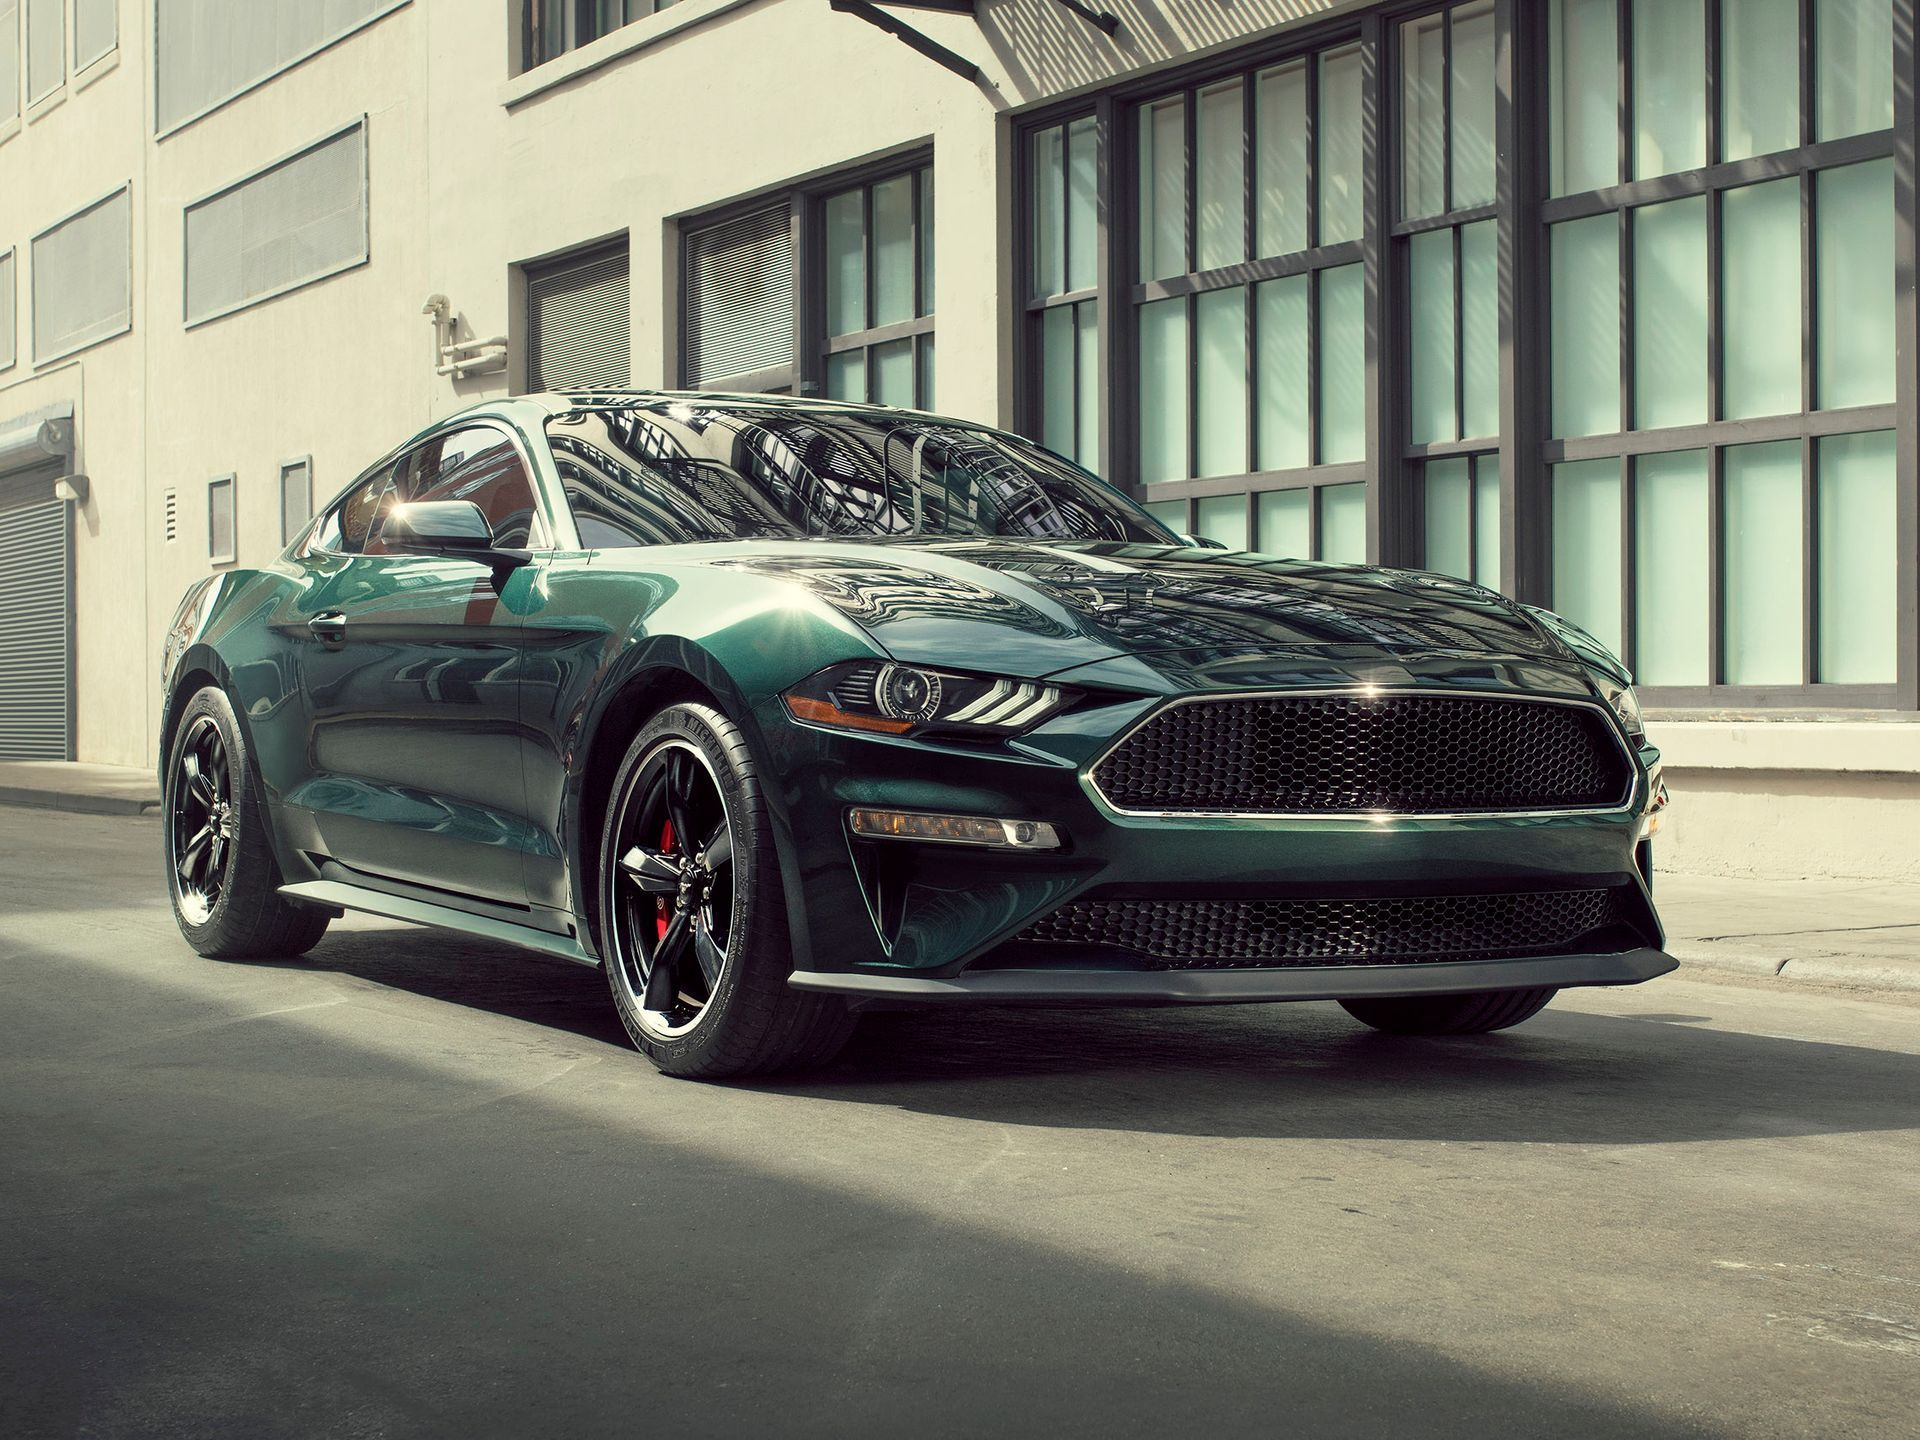 2019 Ford Mustang Bullitt Ford Mustang Bullitt Mustang Bullitt